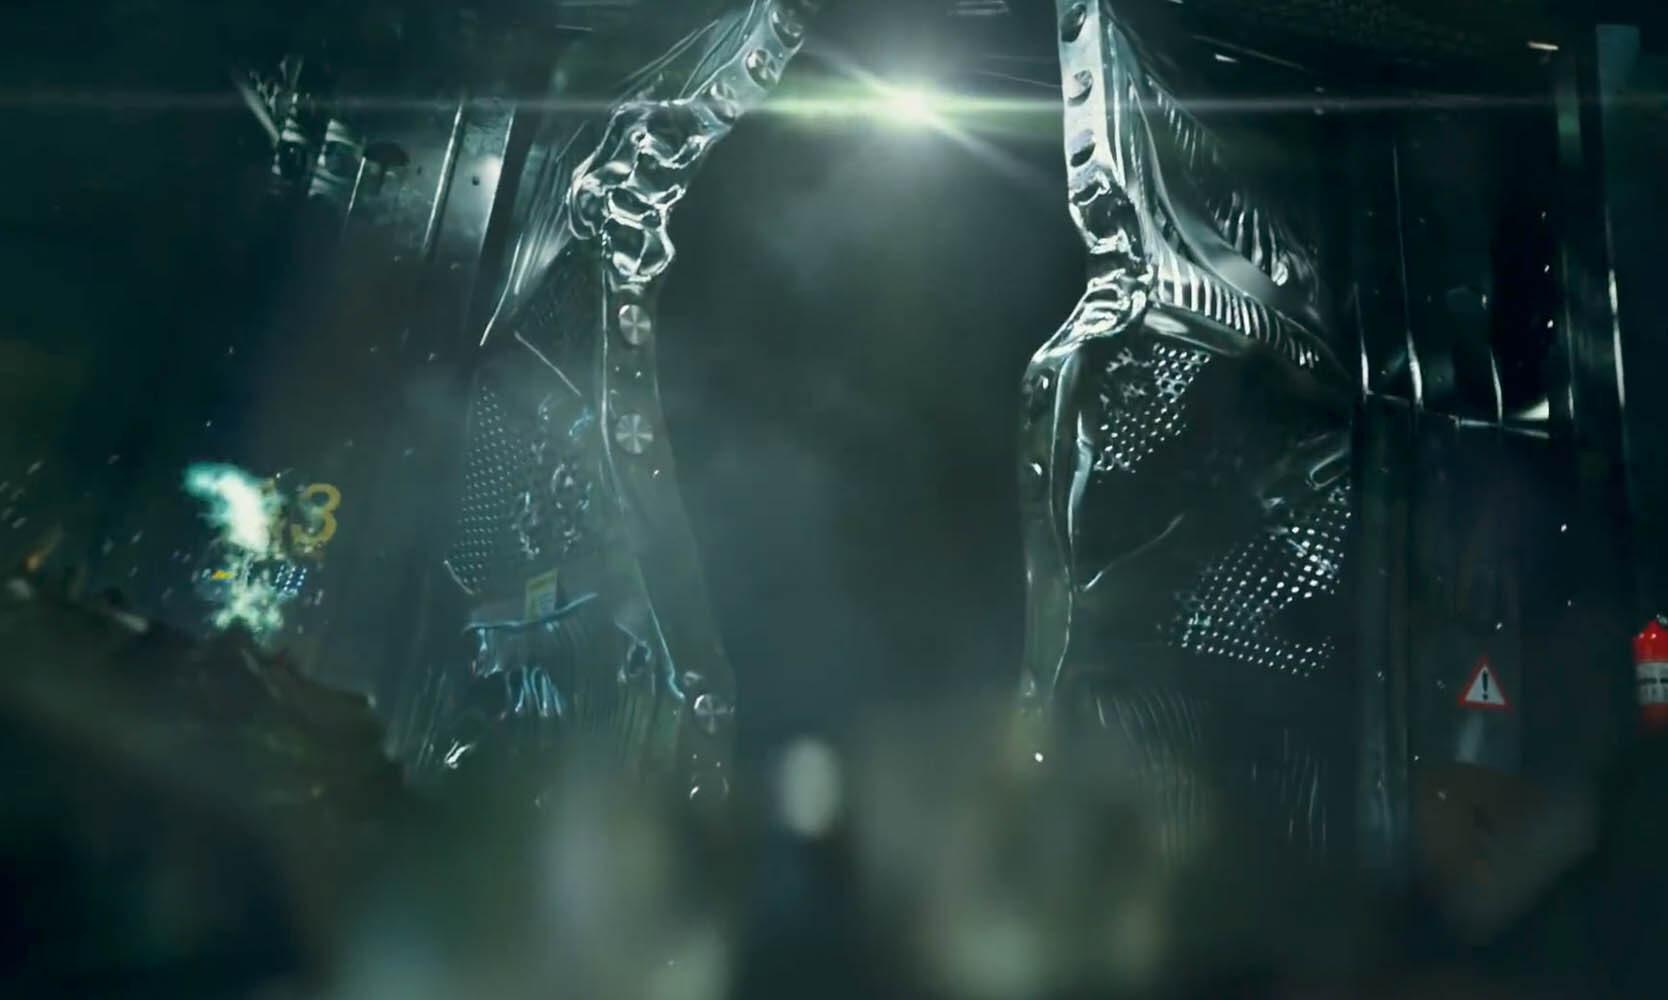 avengers1 0002 3